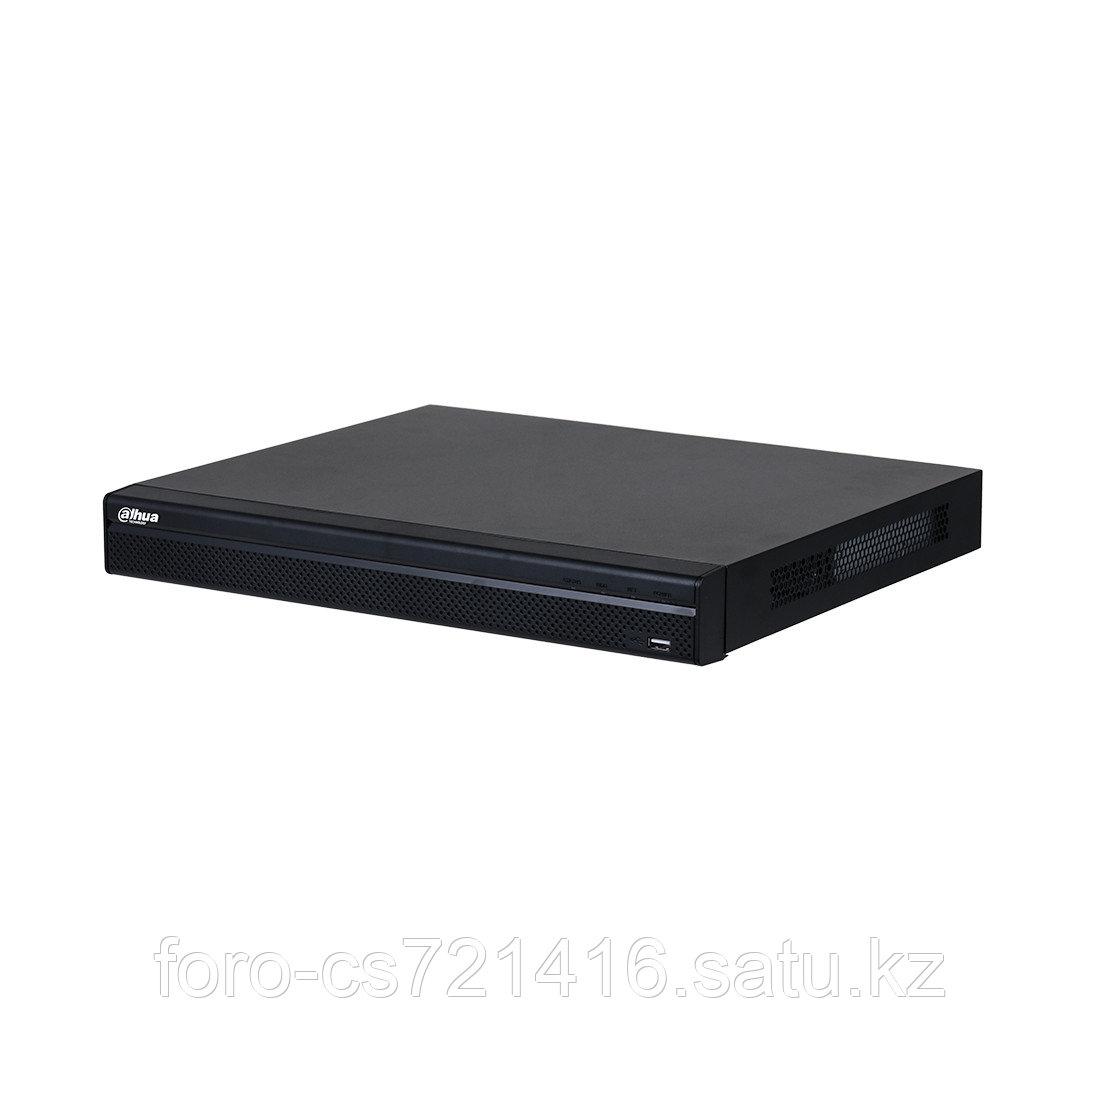 Сетевой видеорегистратор Dahua DHI-NVR4208-4KS2/L